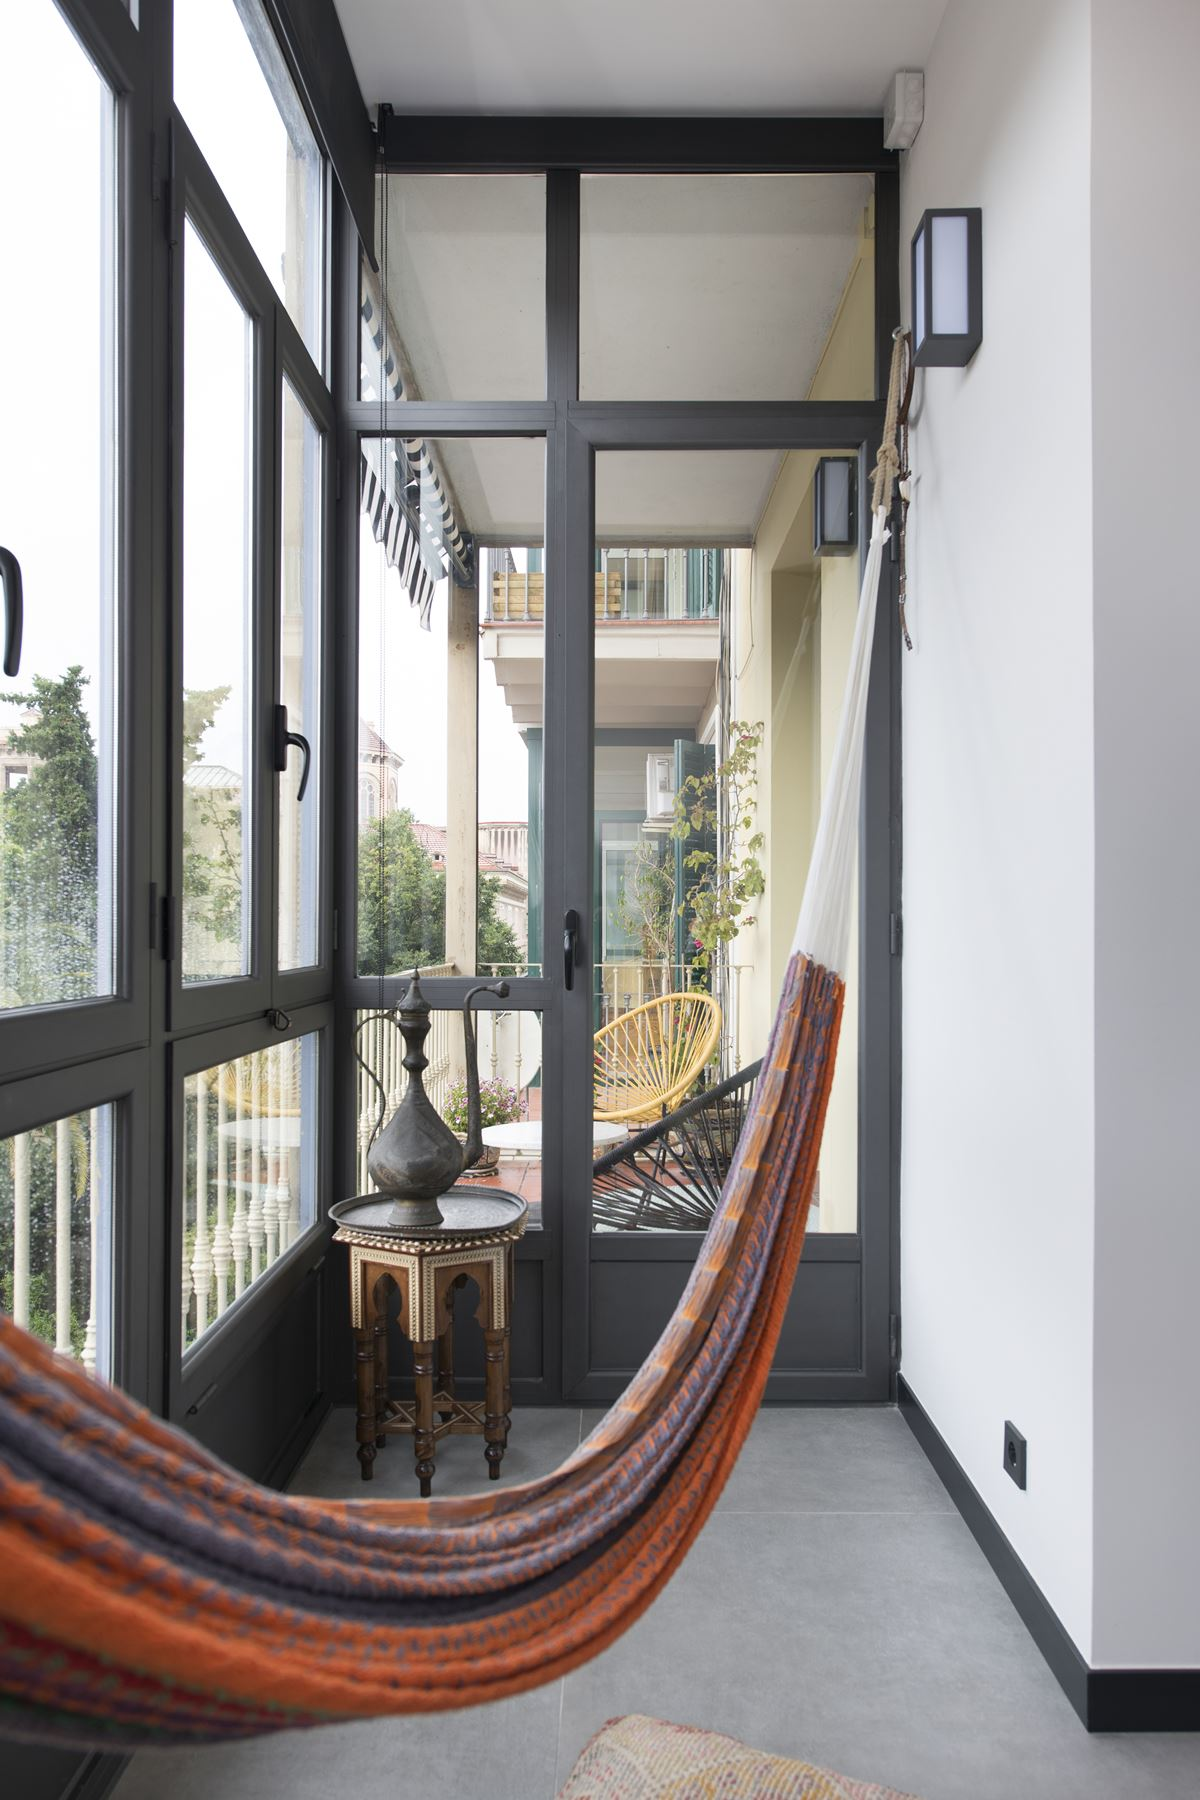 Balcony with a hammock